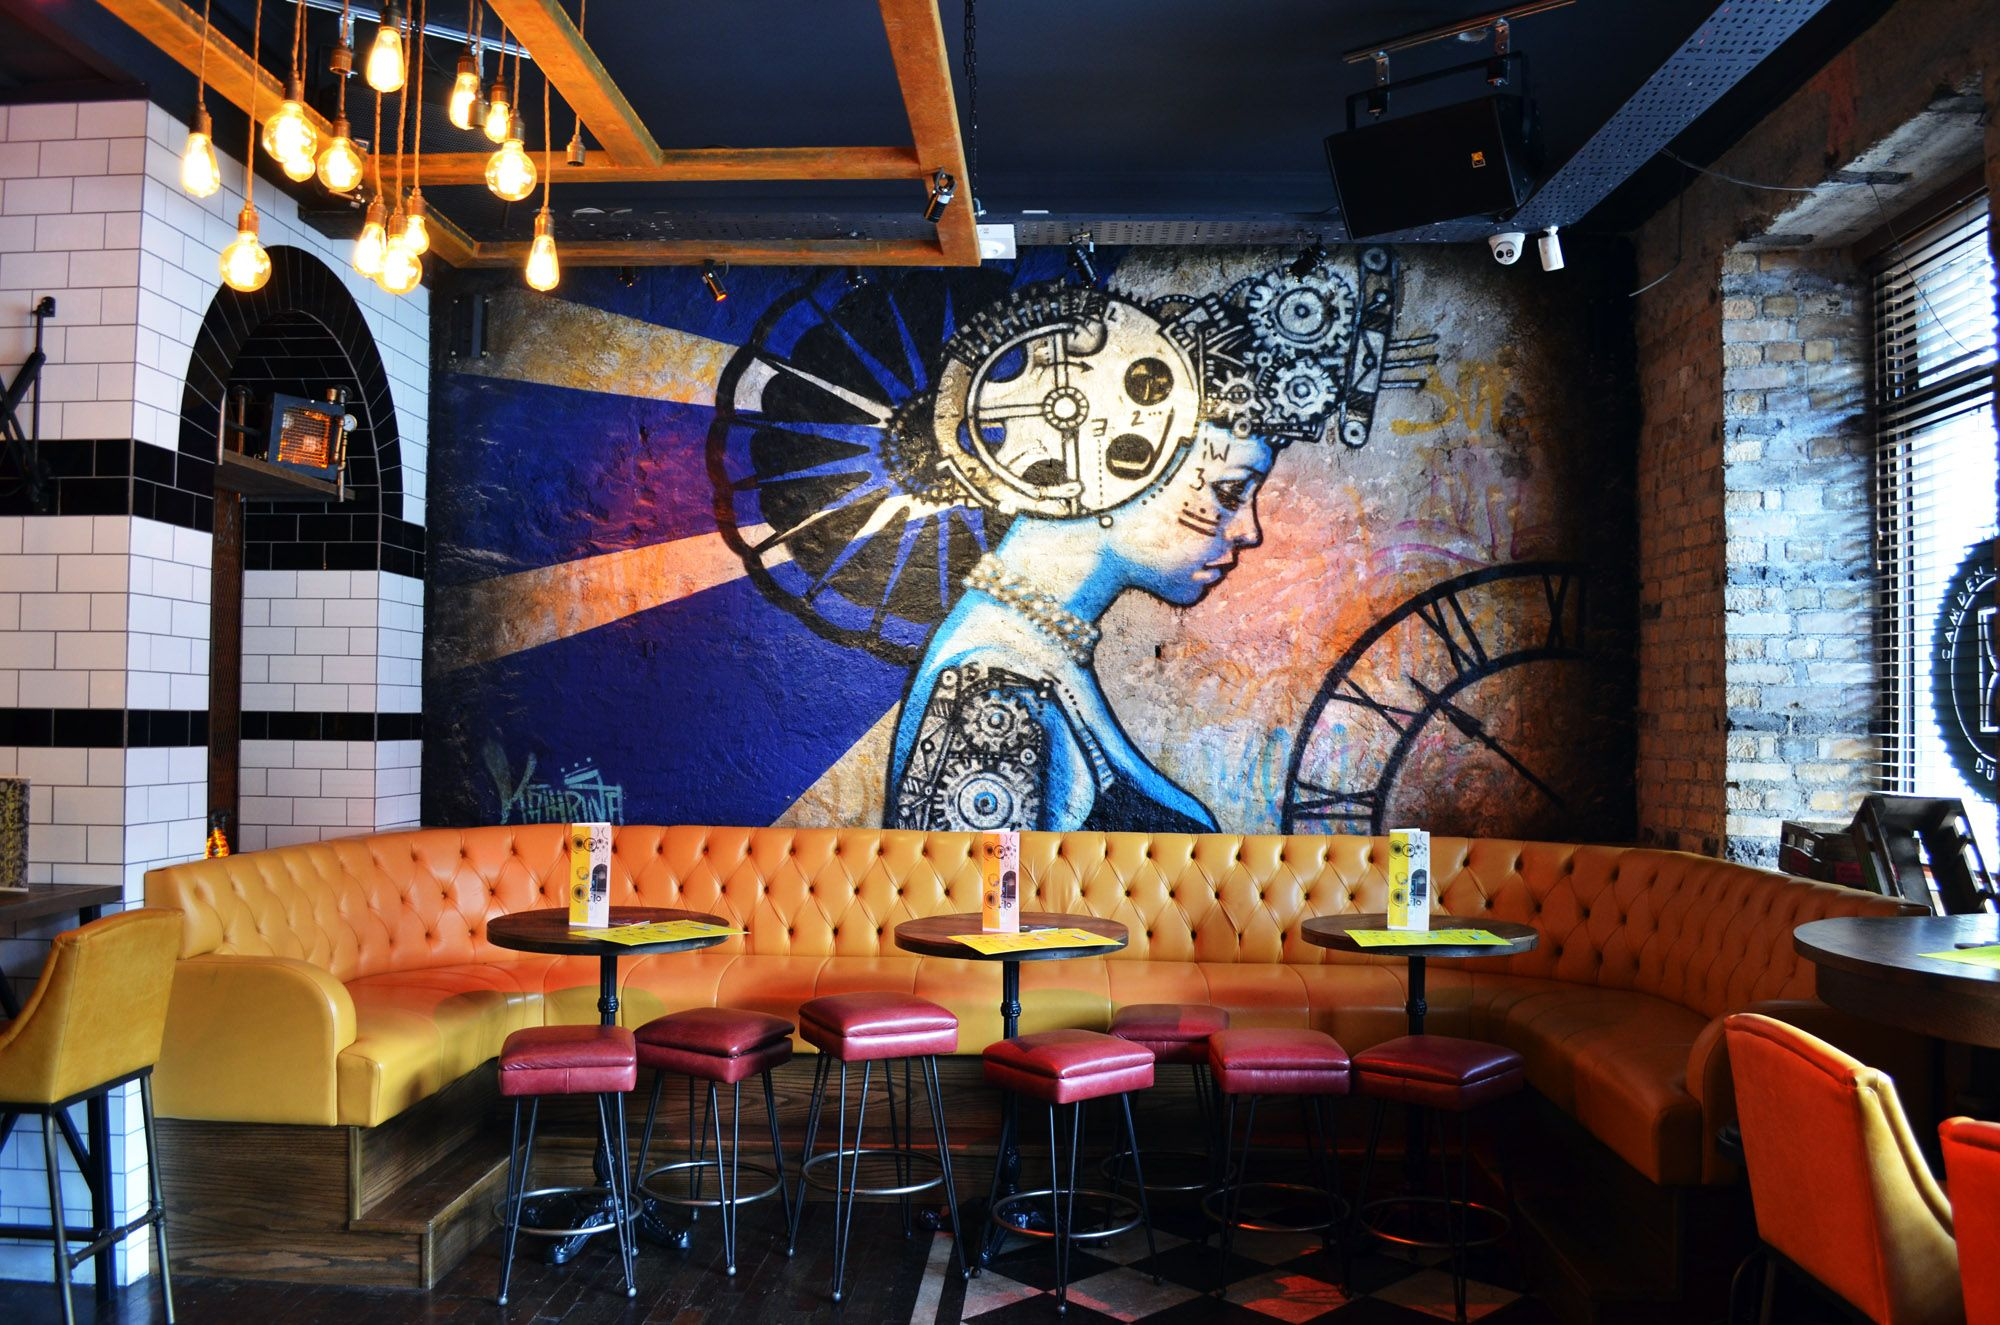 L estrange designs the camden exchange bar design for Innendekoration restaurant